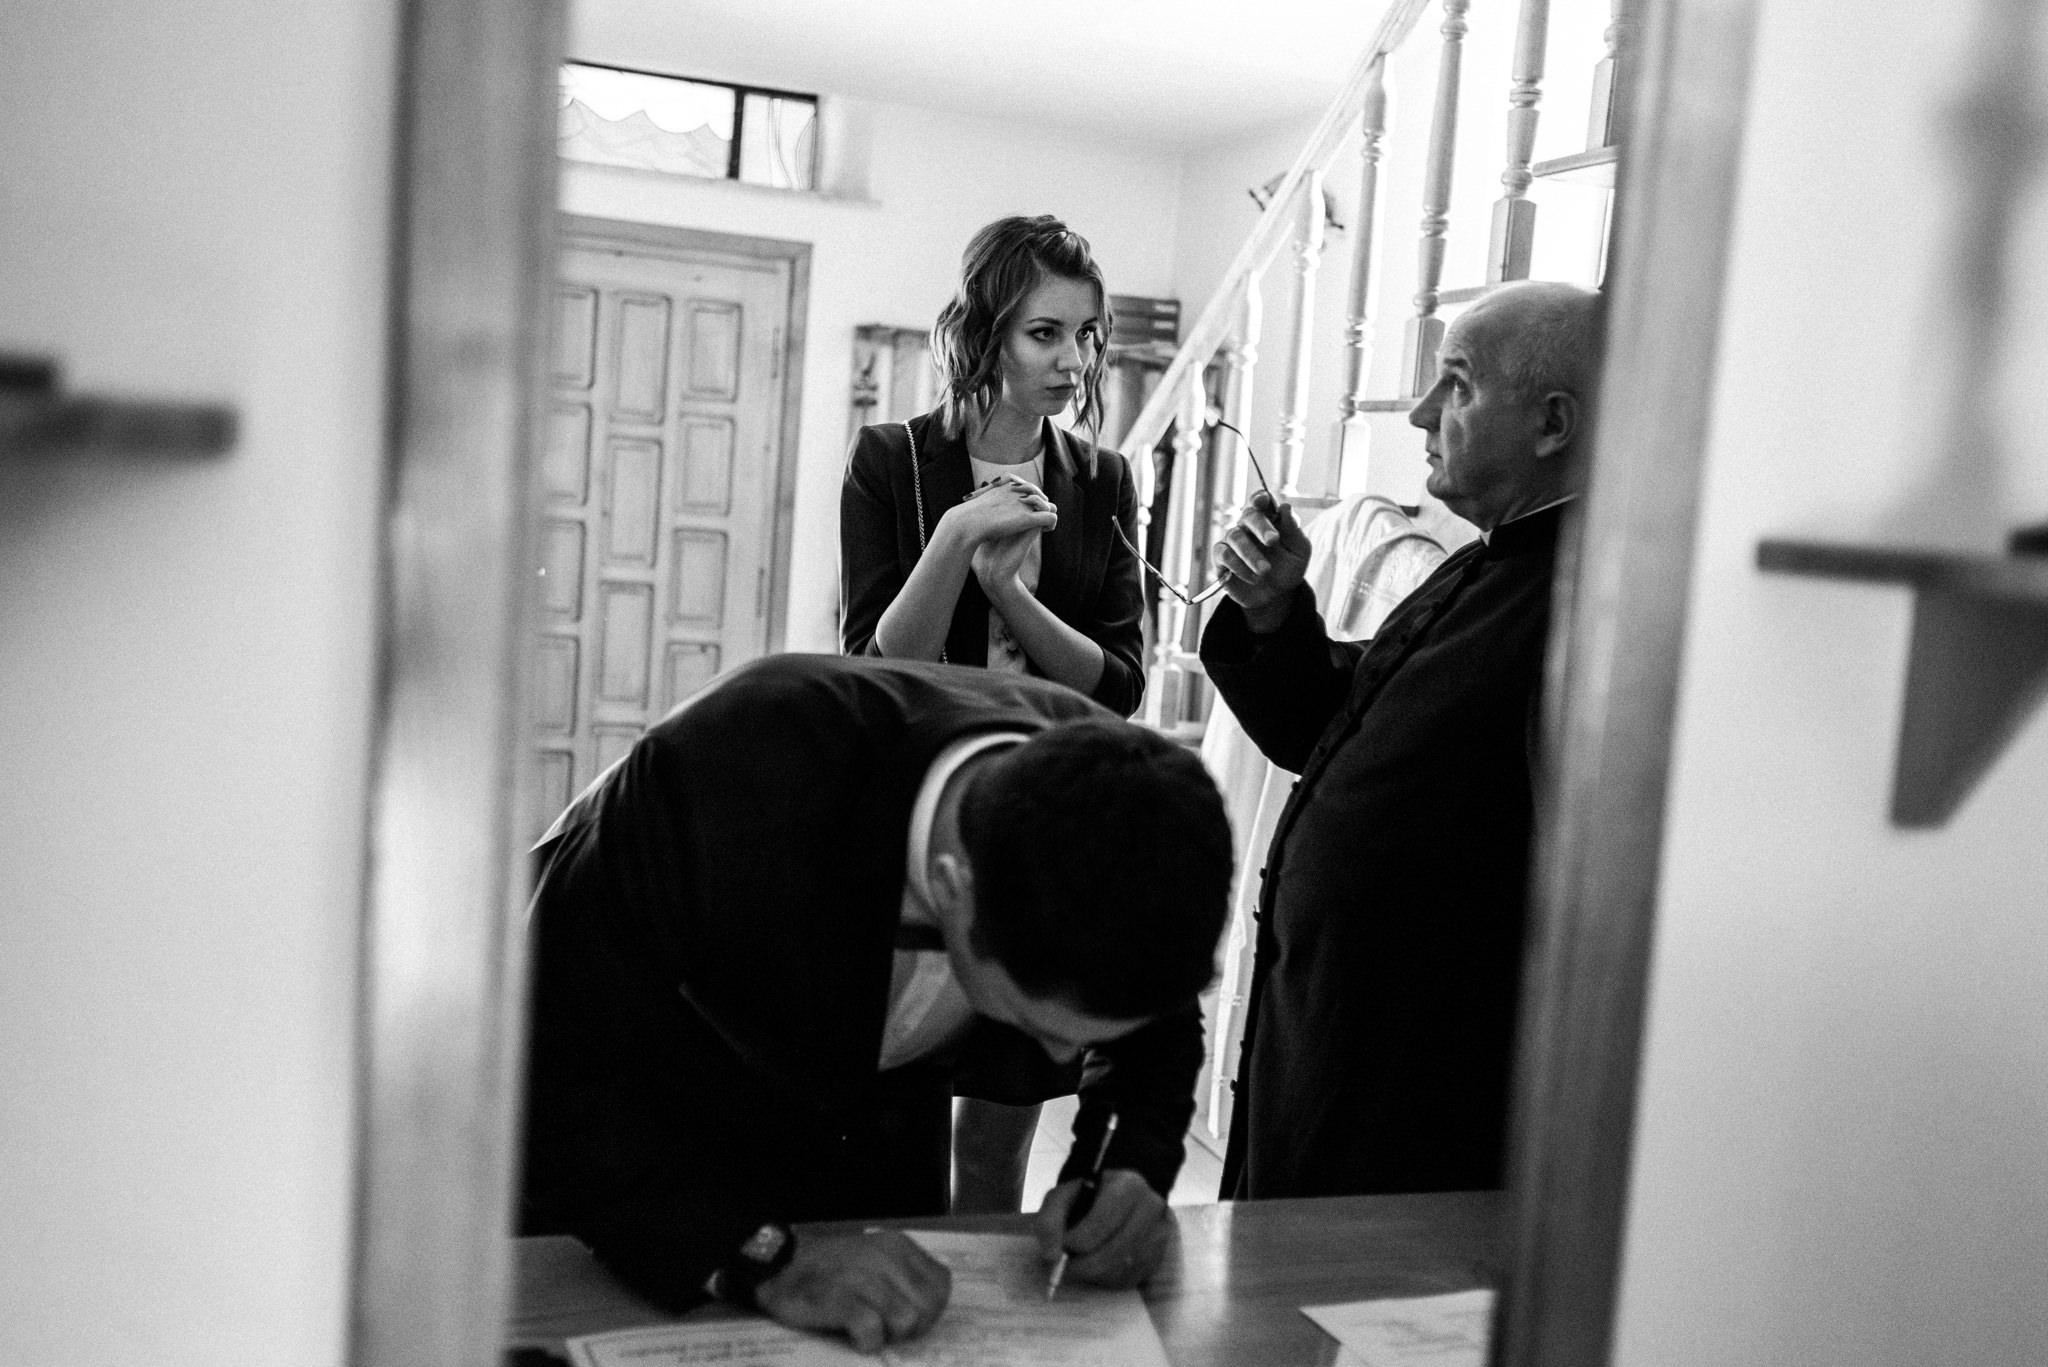 Przyjęcie Karoliny i Alana | Jaś Wędrowniczek w Rymanowie | Praca w duecie 30